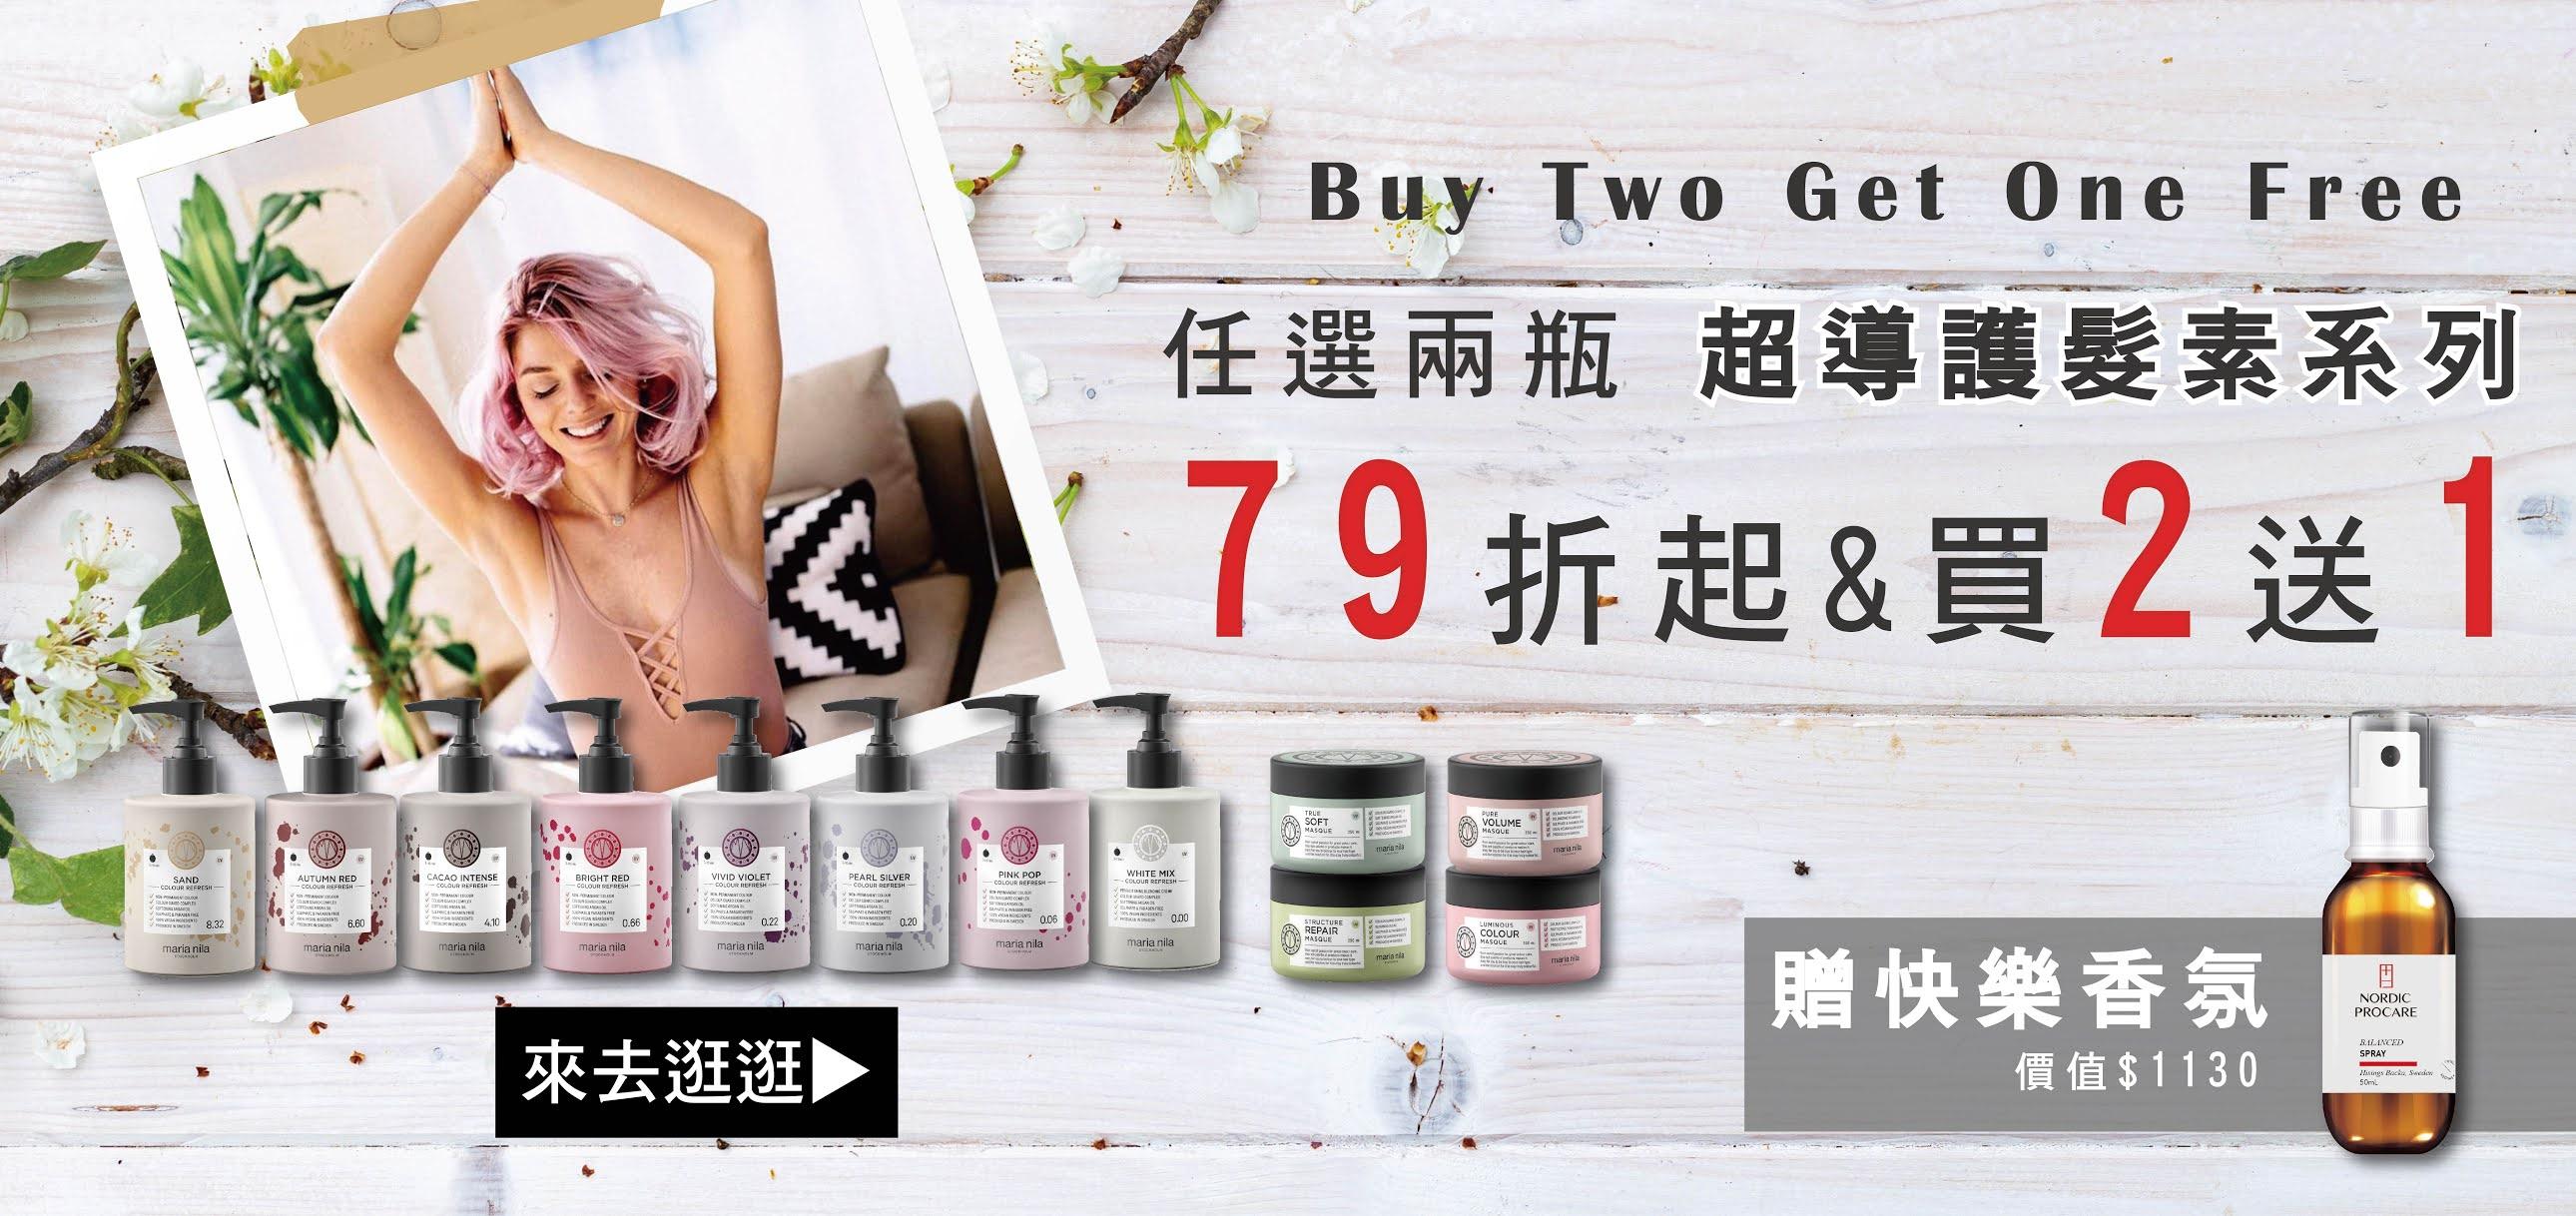 |護髮最佳時刻|-超導護髮素任選兩瓶79折起再送快樂香氛 - 北歐極品 nördic premium | 線上購物 |歡慶母親節最低76折